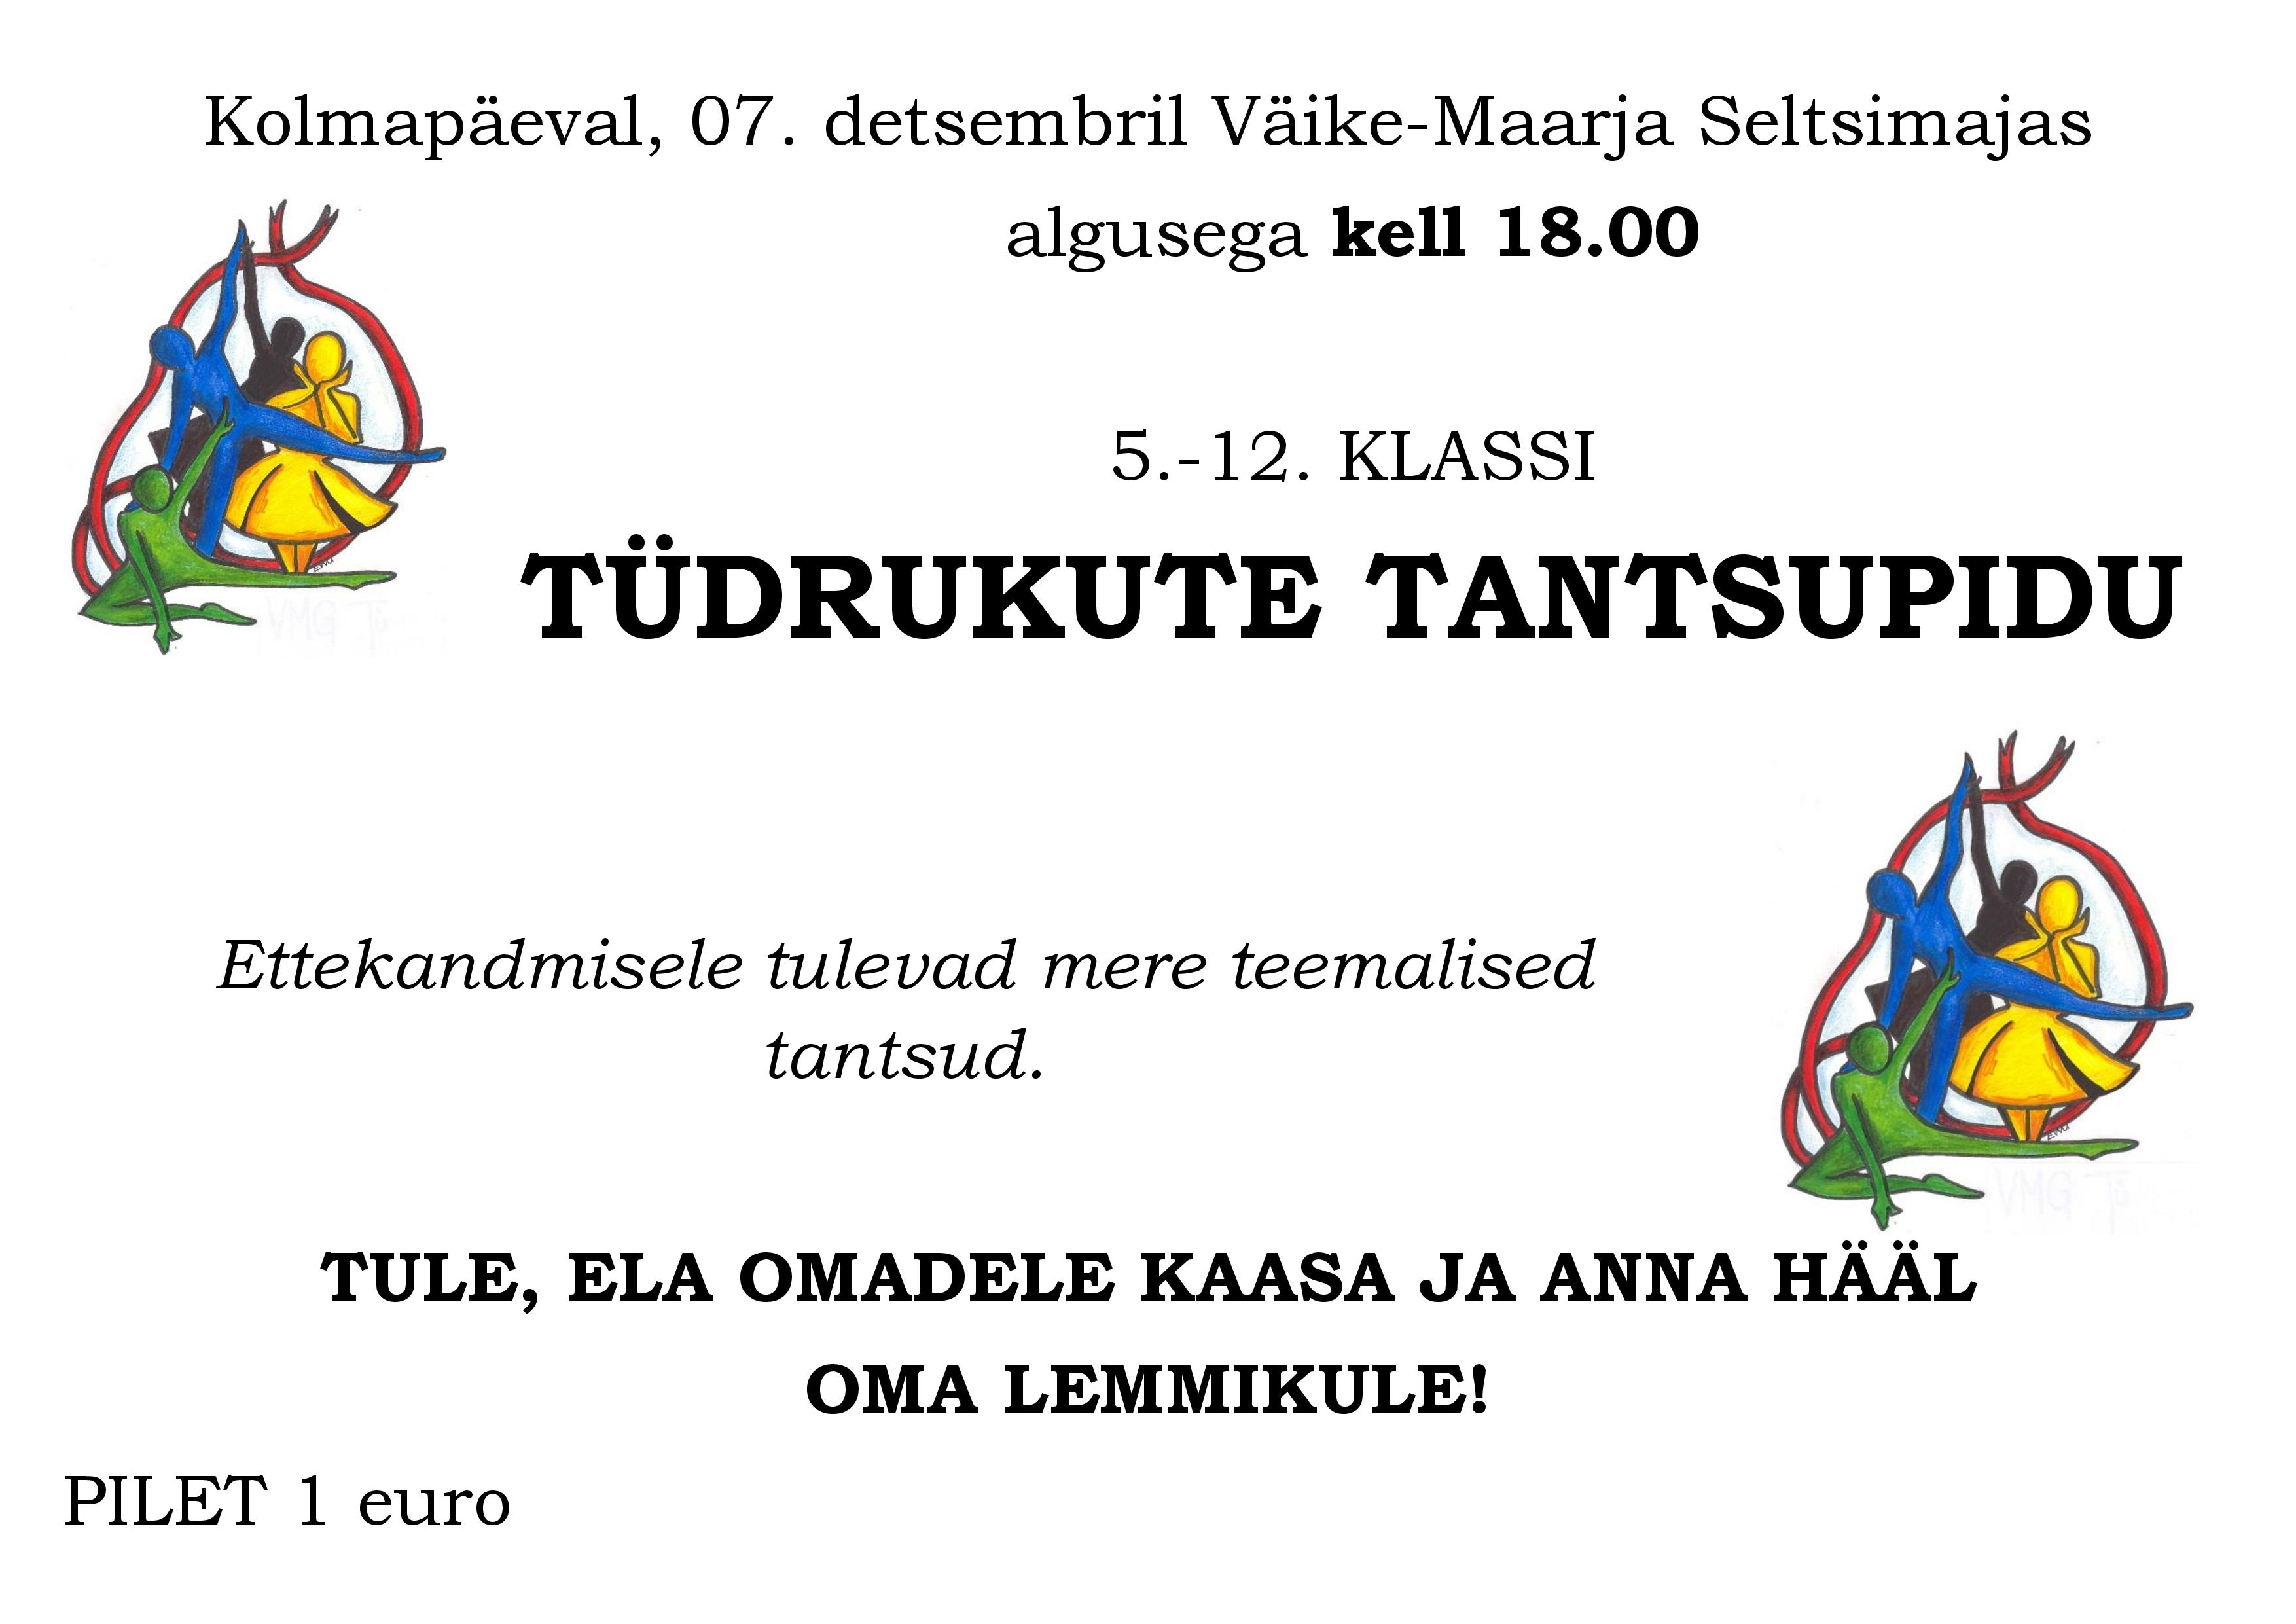 tudrukute-tantsupidu2016-page-001